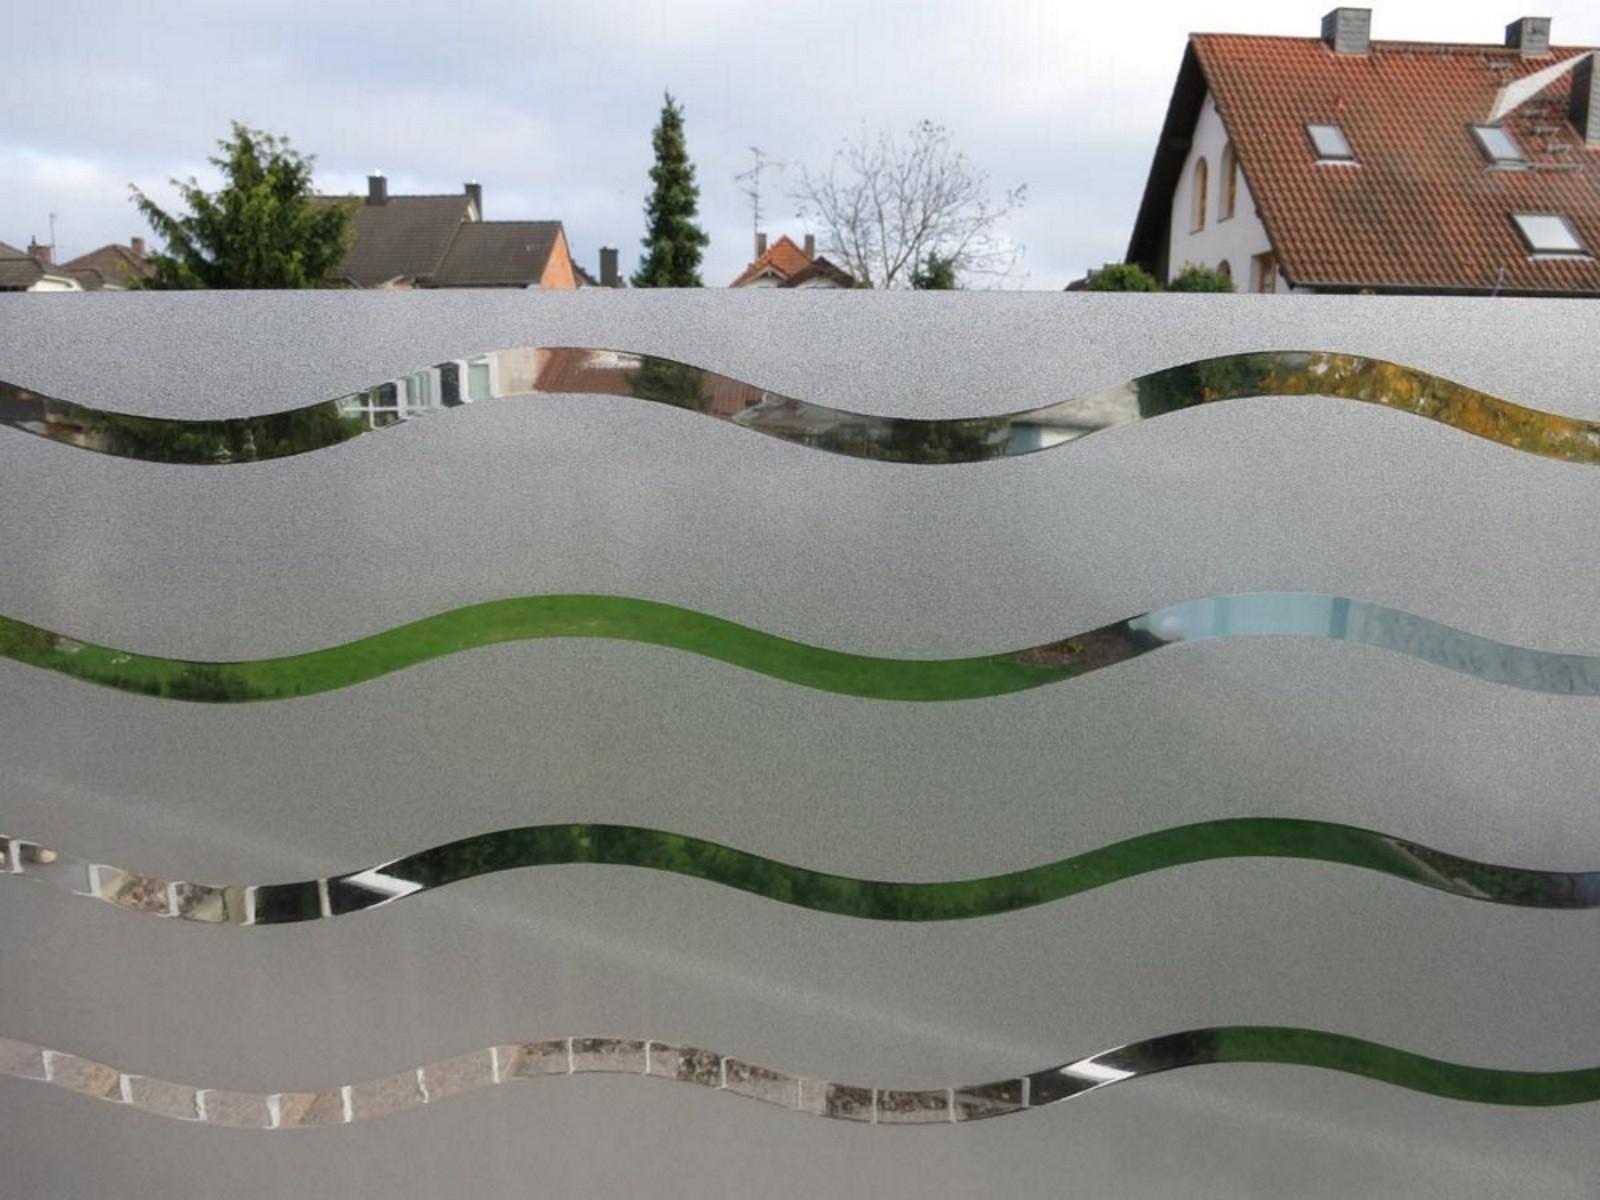 Statische fensterfolie wave 110 x 45 cm wellen folie - Fensterfolie statisch anbringen ...